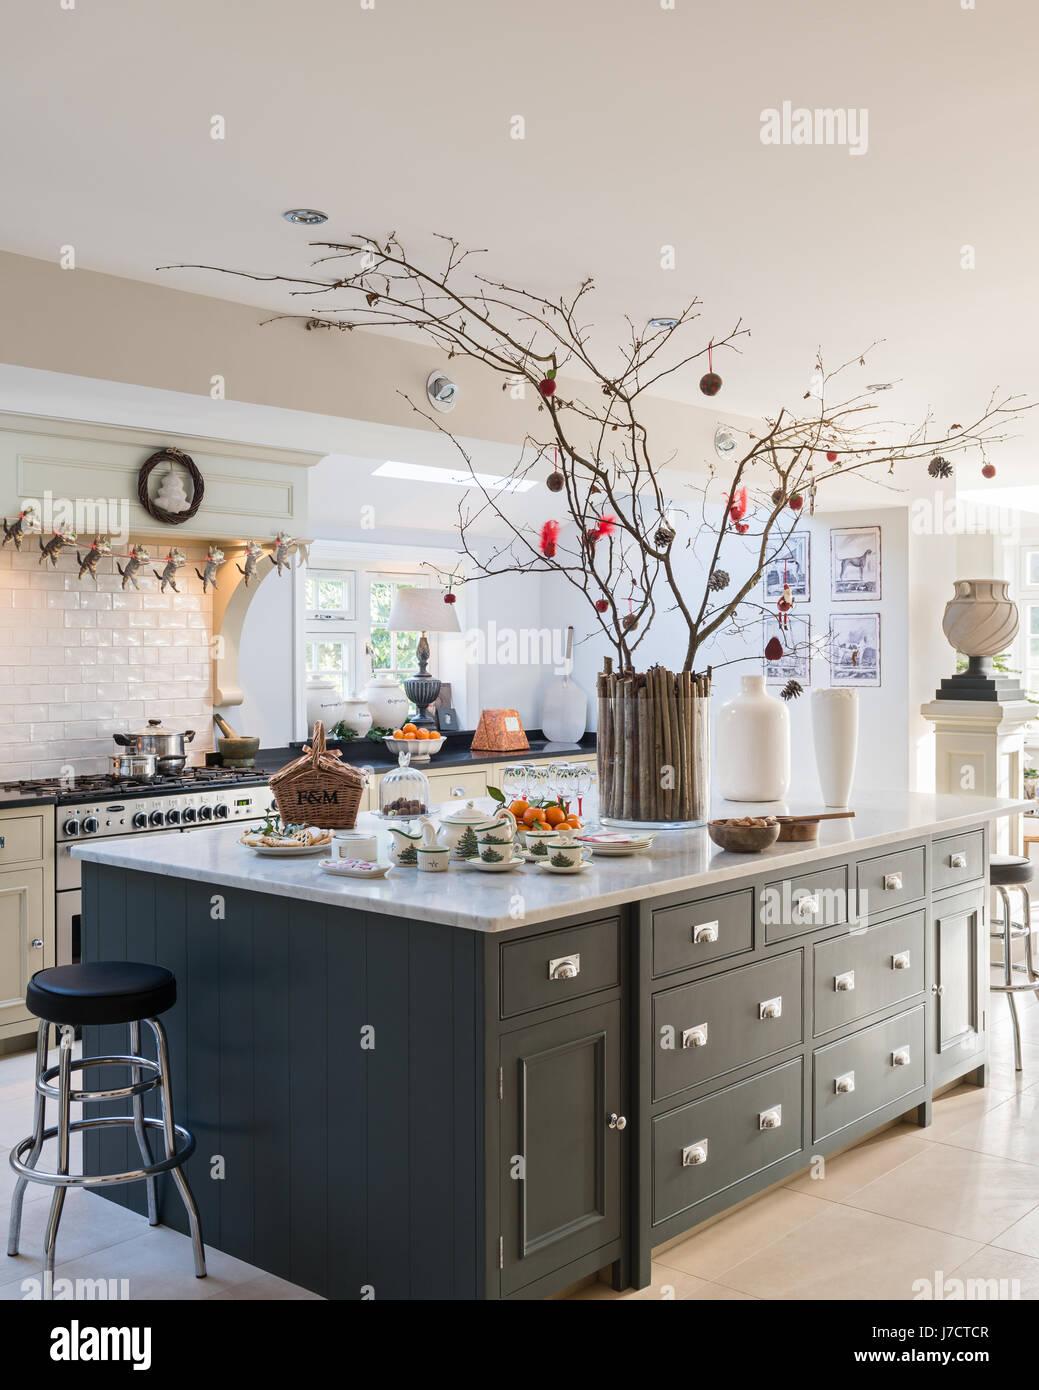 Spaziosa cucina isola unità con decorazioni di Natale nel XVIII ...